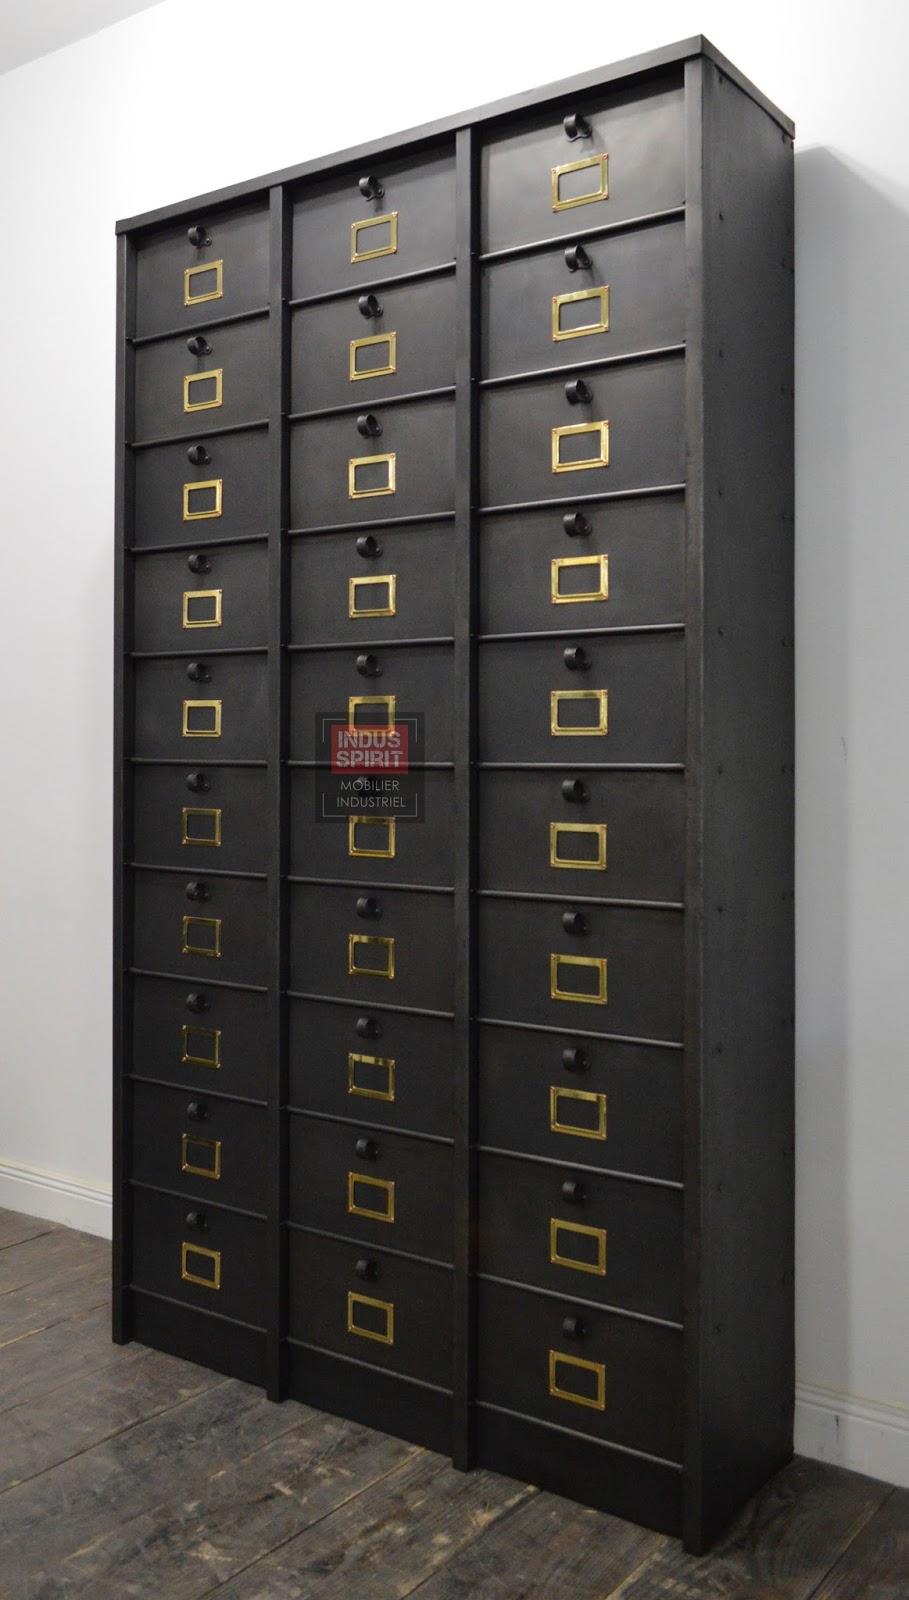 Meuble clapet strafor 30 casiers for Meuble casier